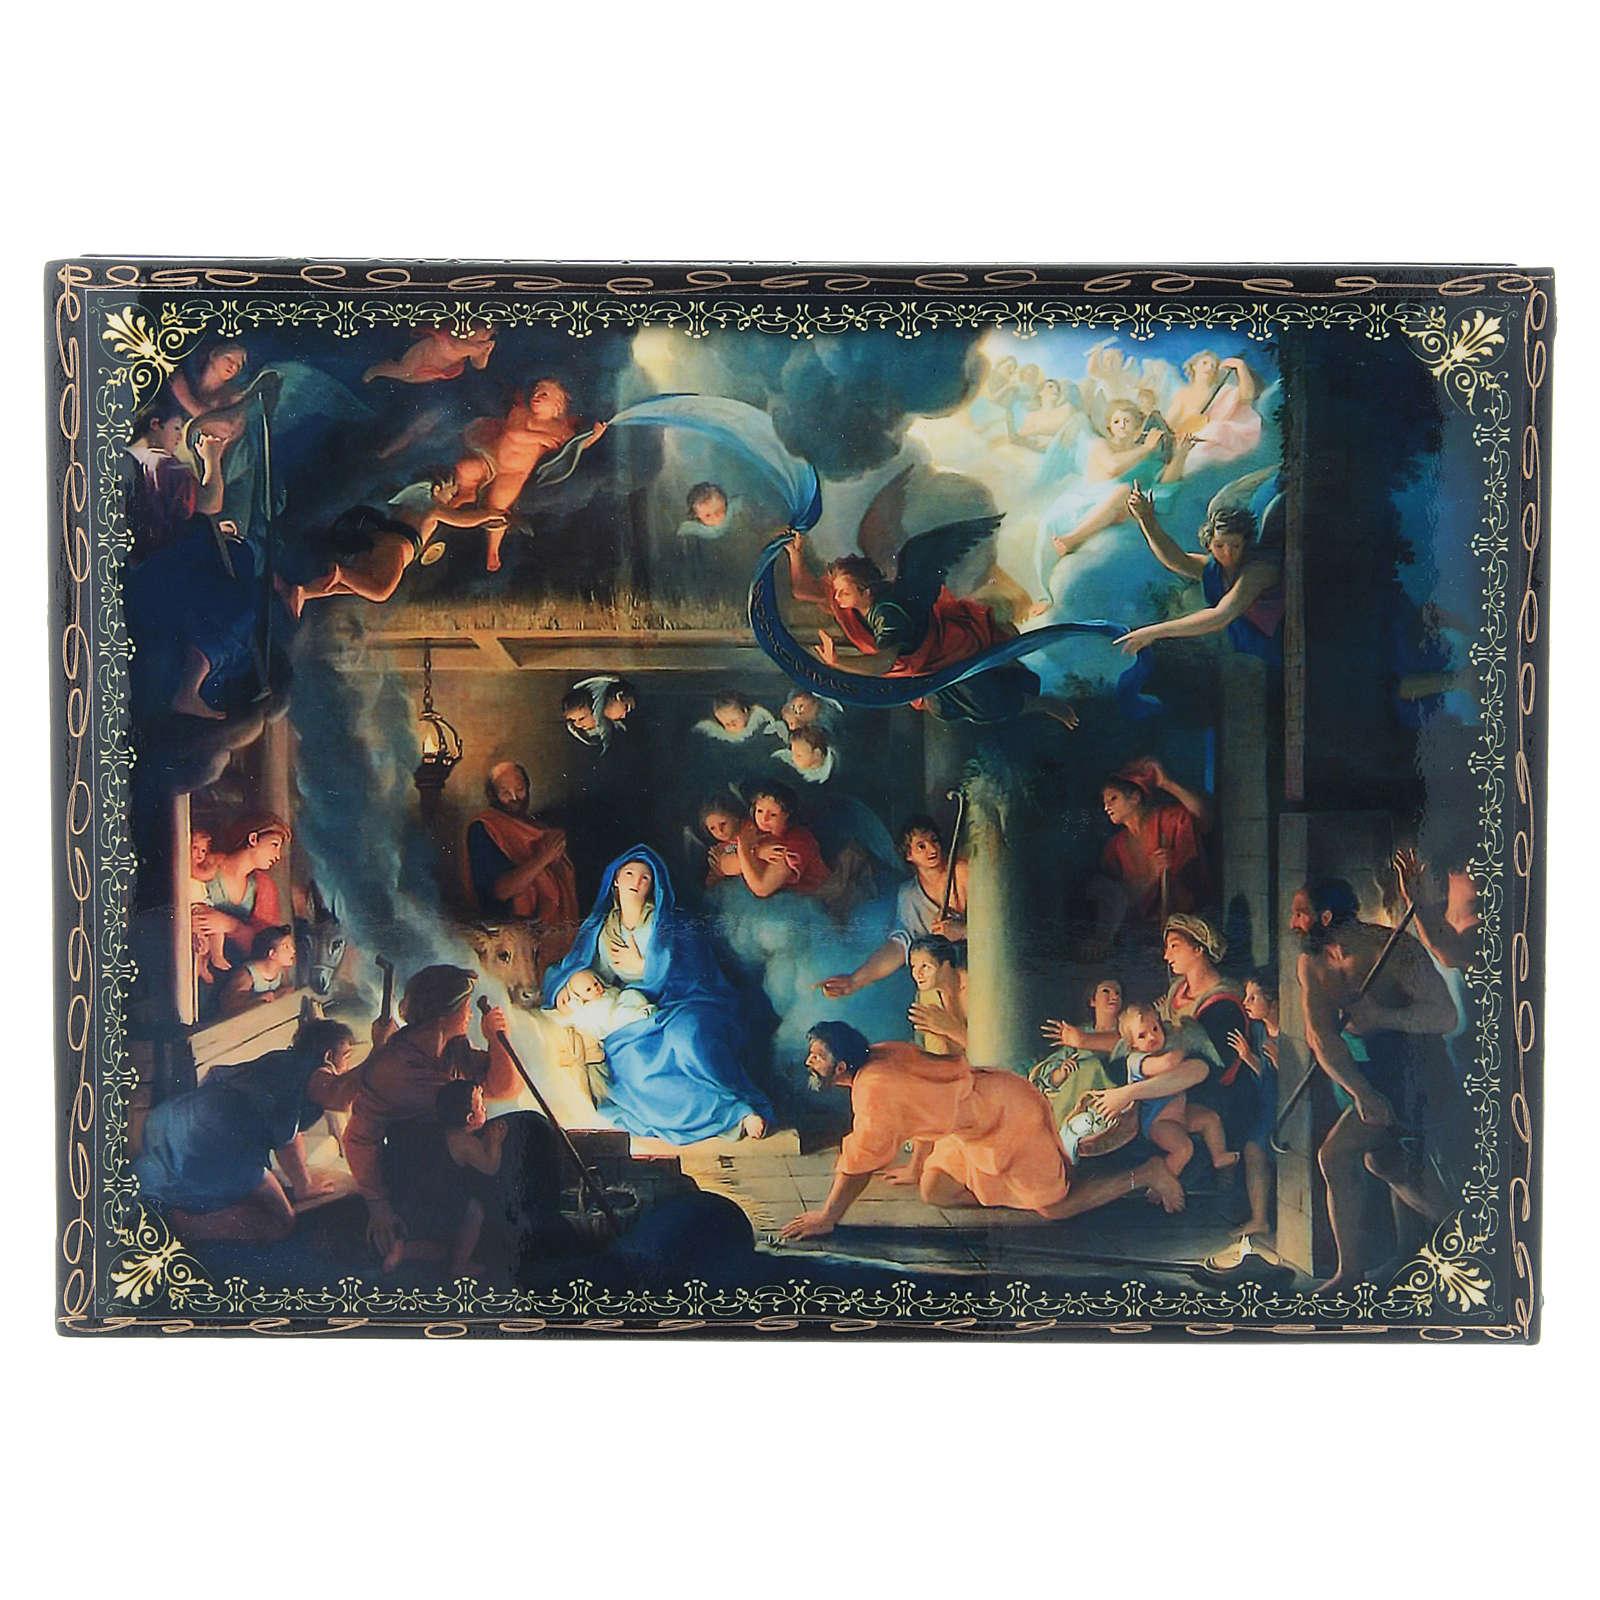 Scatola decoupage russa cartapesta La Nascita di Gesù Cristo e Adorazione dei Magi 22X16 cm 4